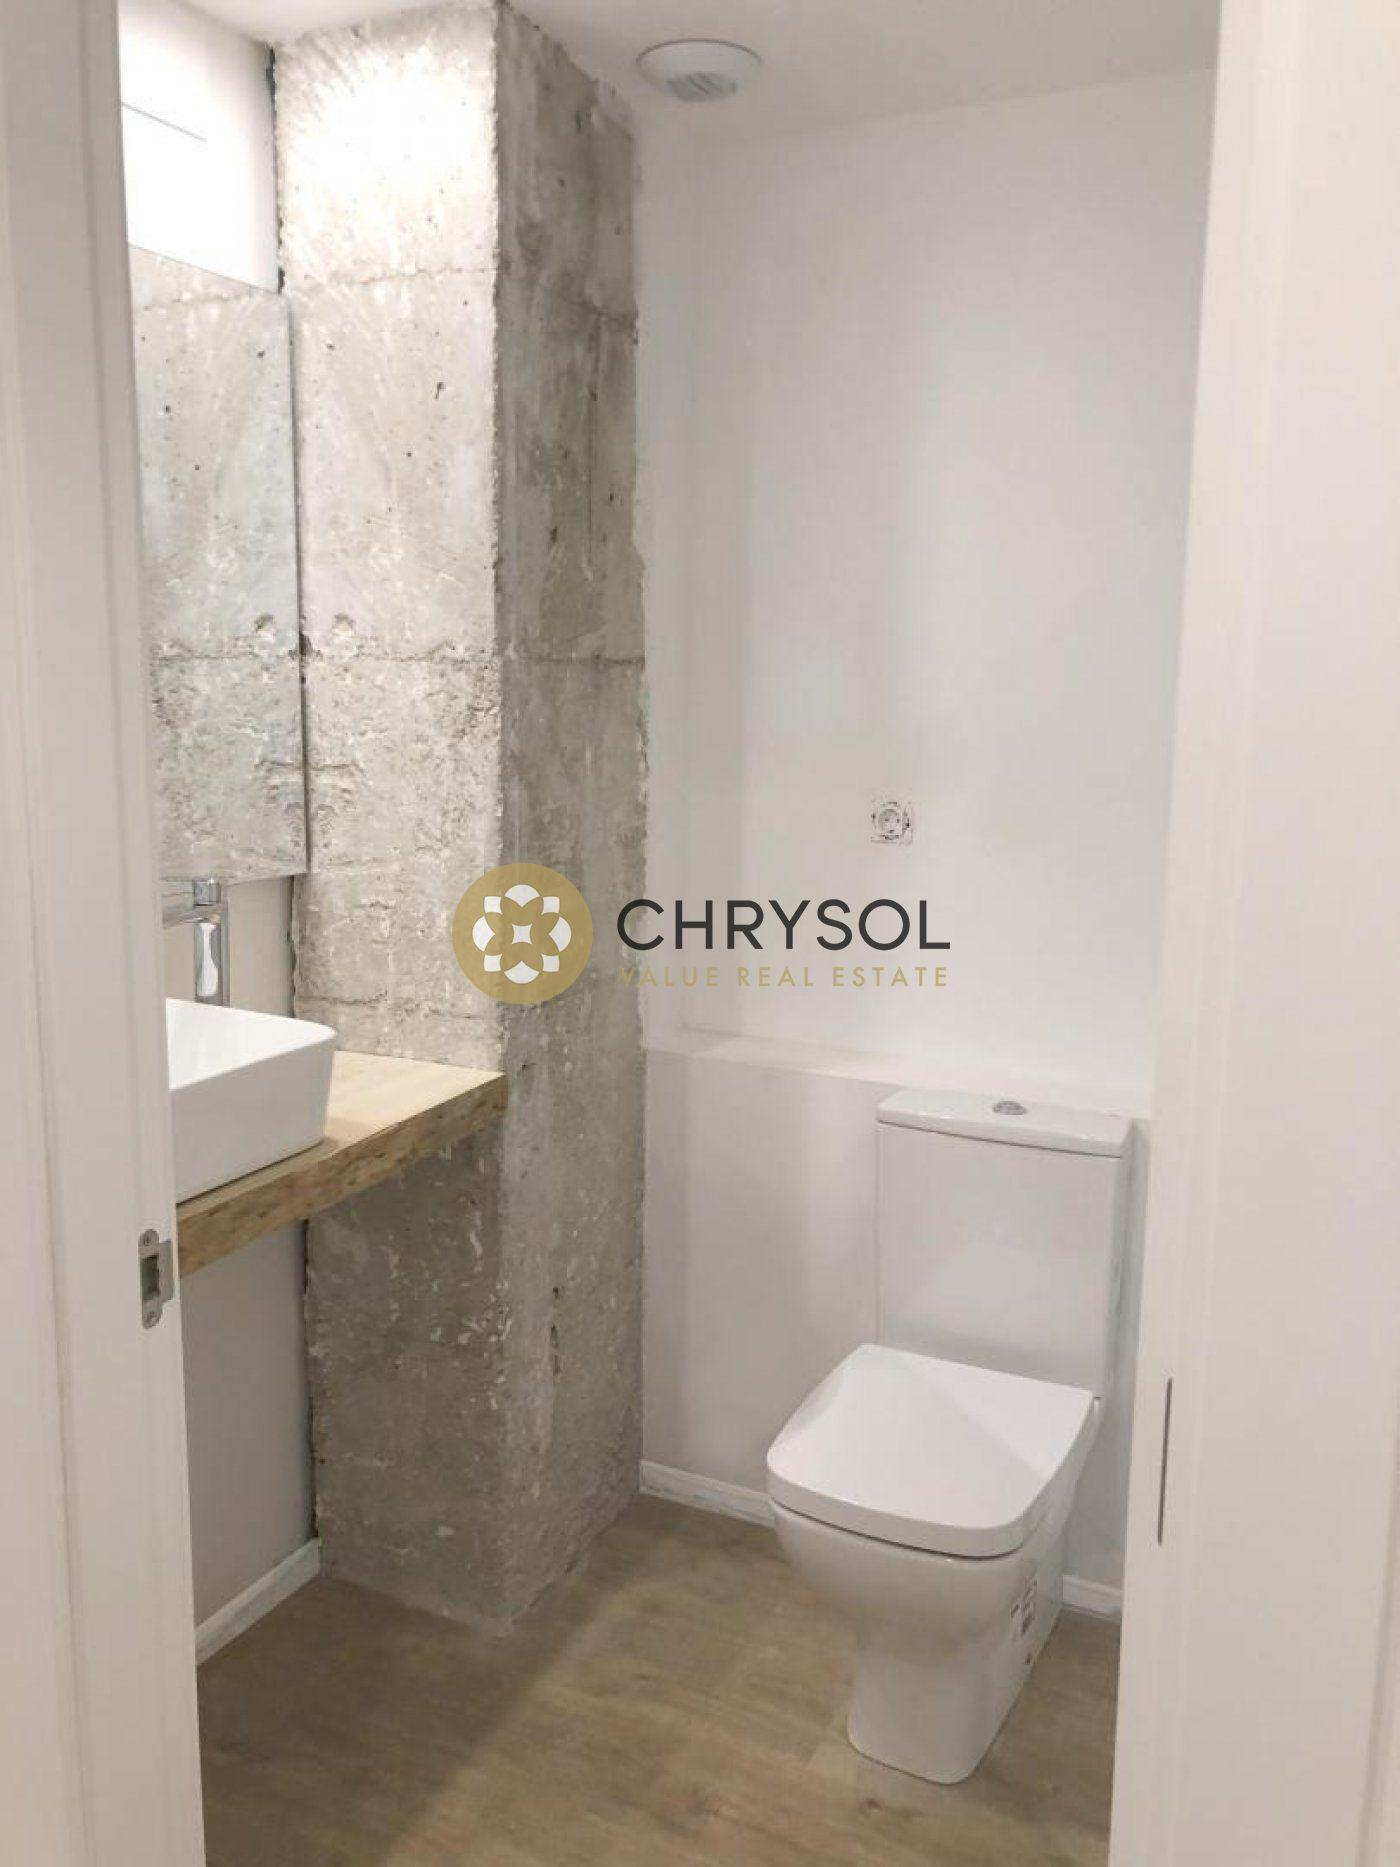 Fotogalería - 11 - Chrysol Value